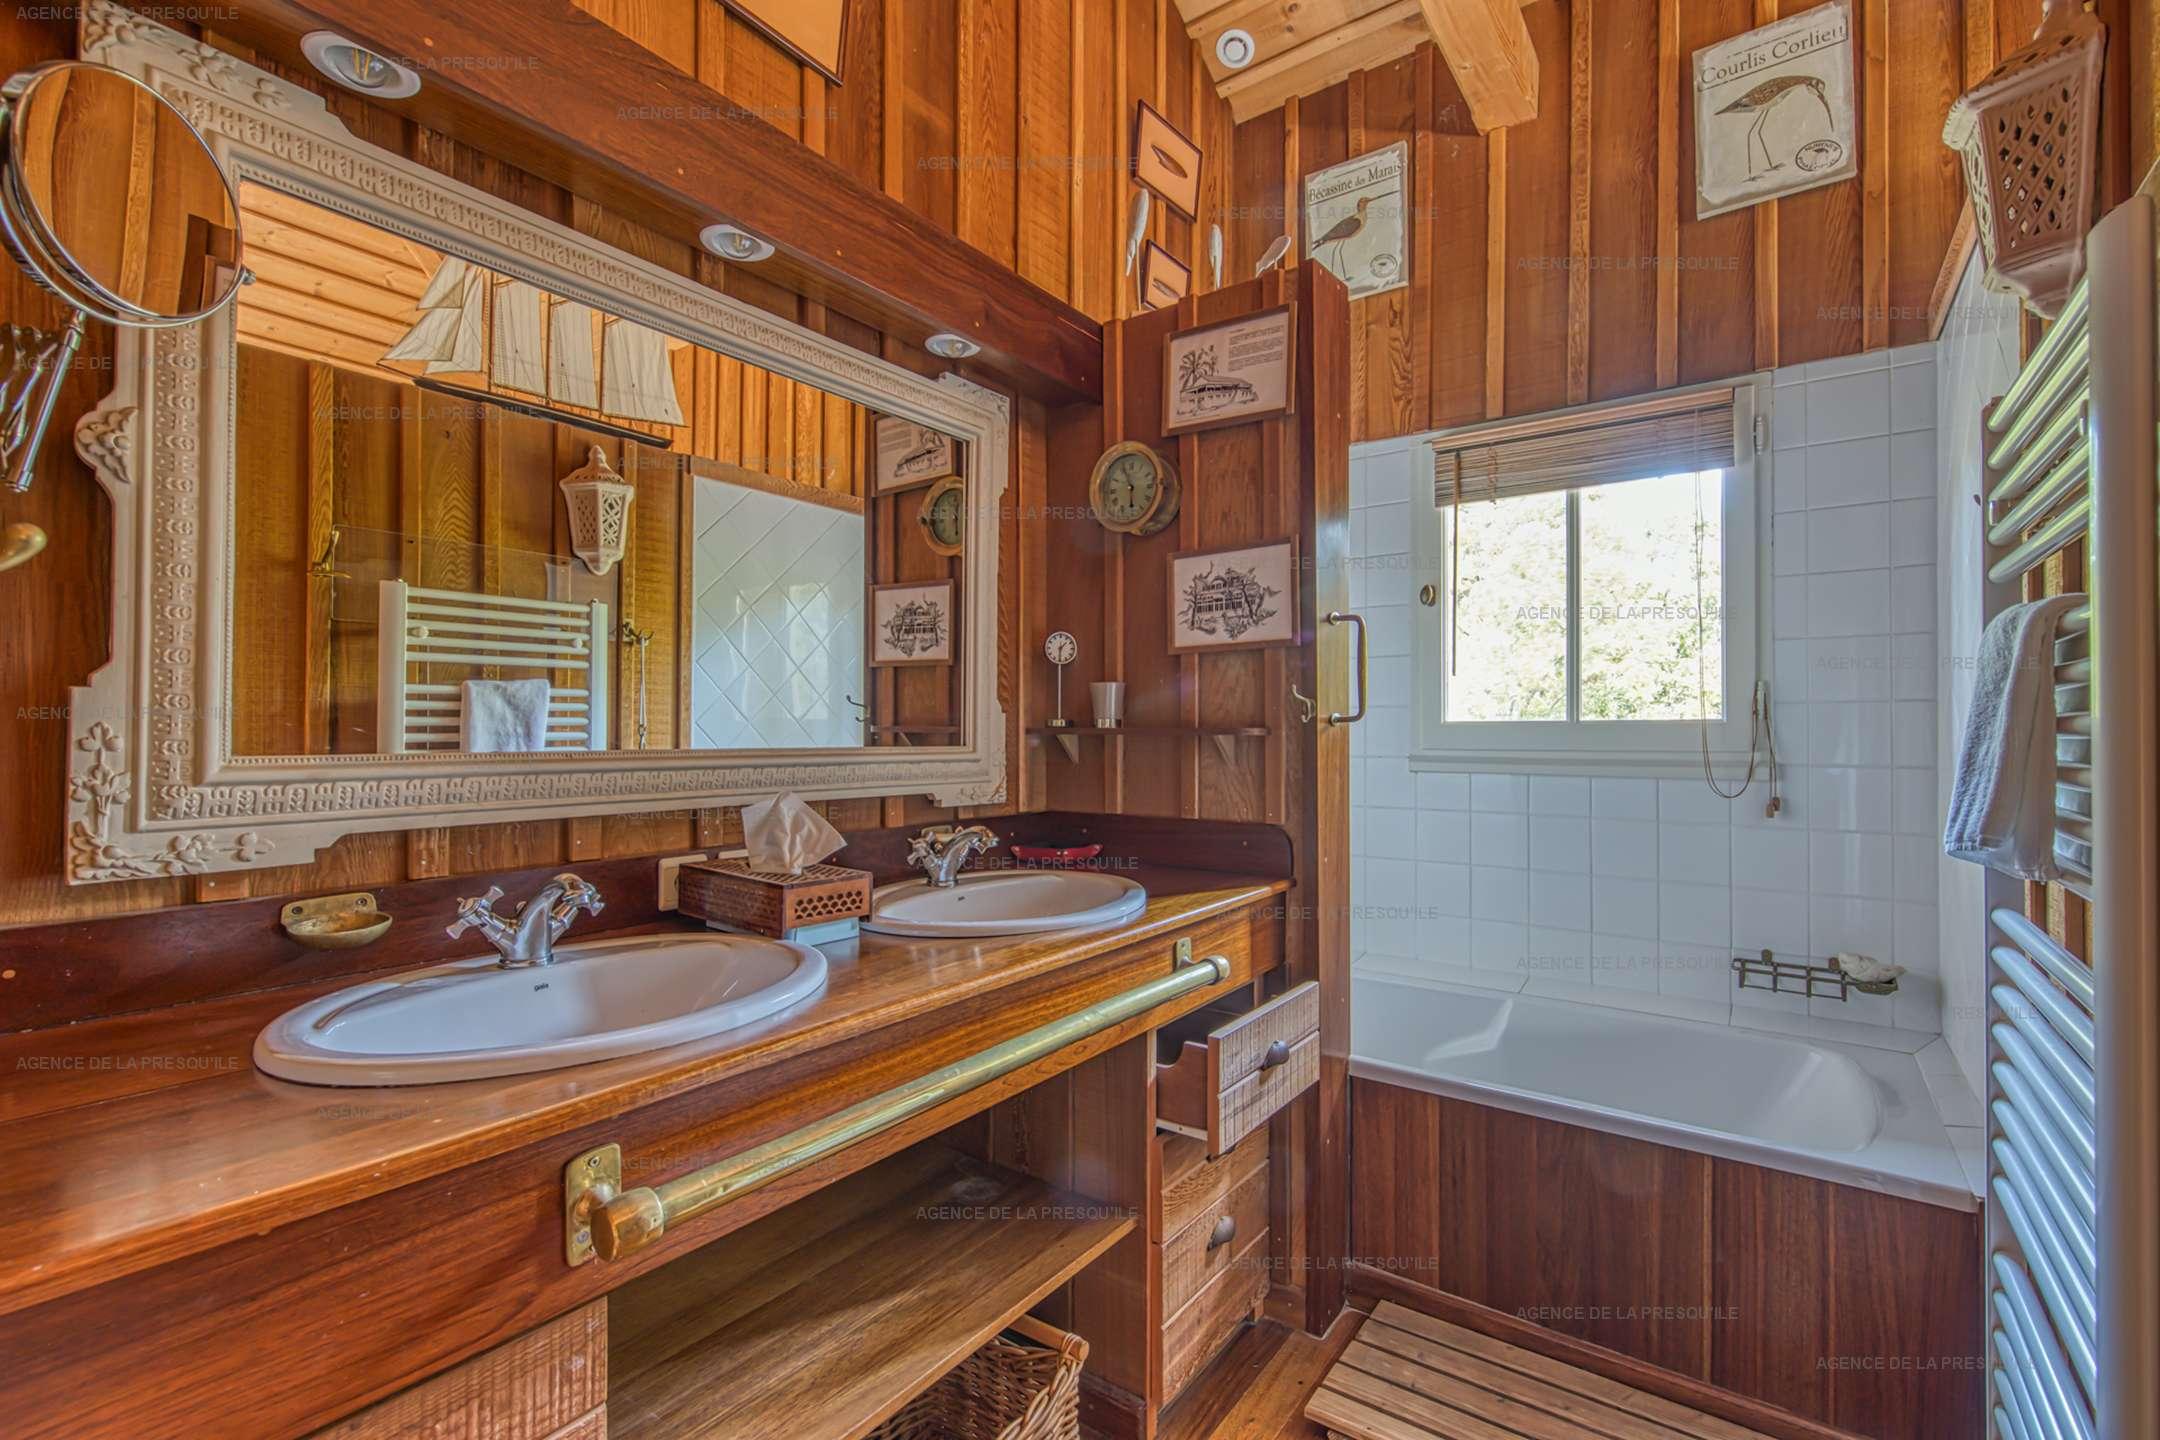 Location: Très belle villa en bois avec vue panoramique sur le bassin 9